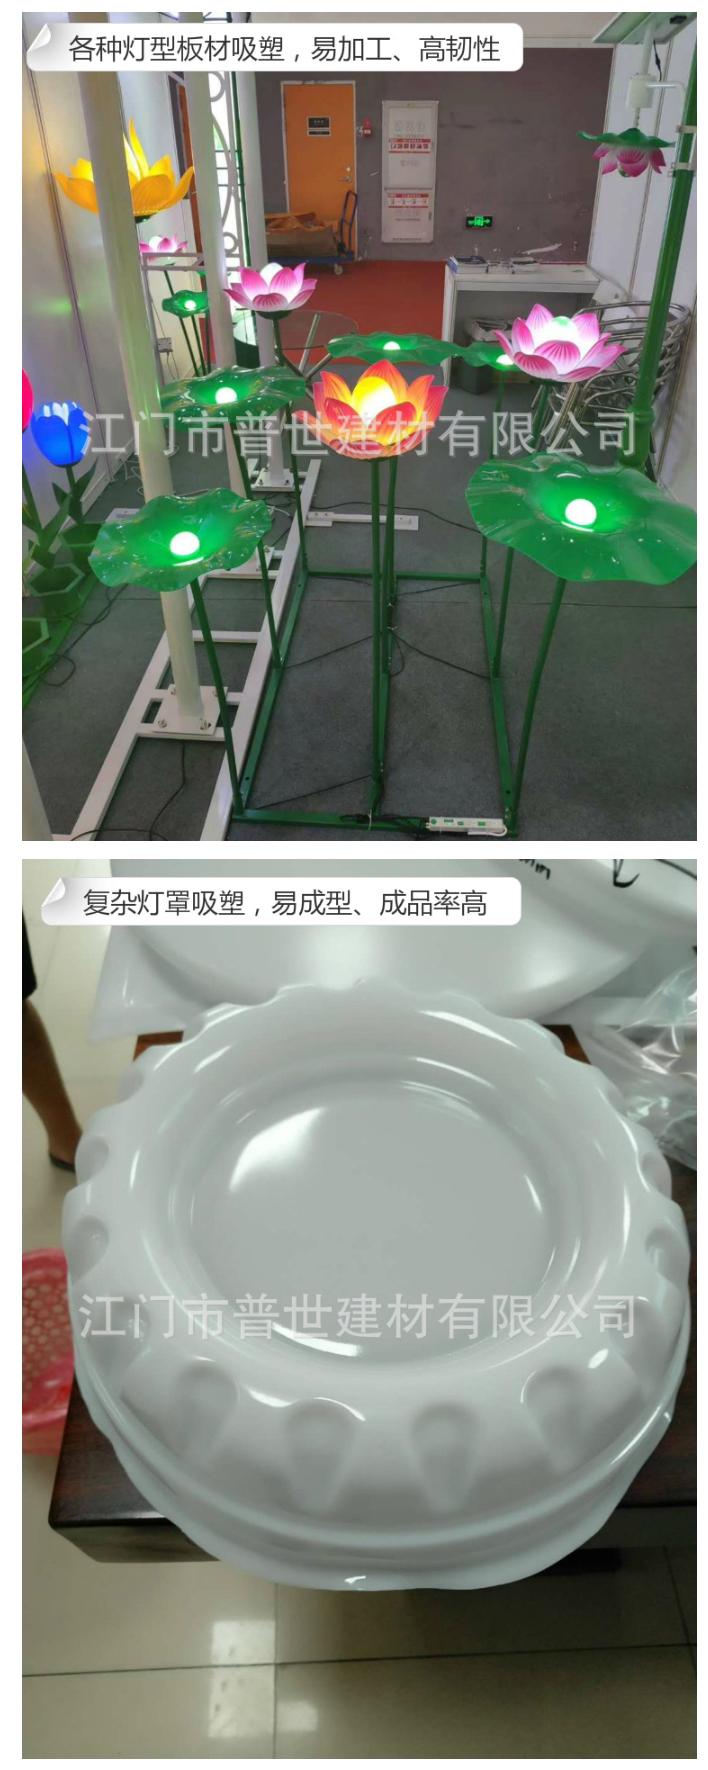 塑料燈罩板_高韌性環保petg片材1-5mm厚度乳白塑料燈罩板---阿里巴巴_03.jpg